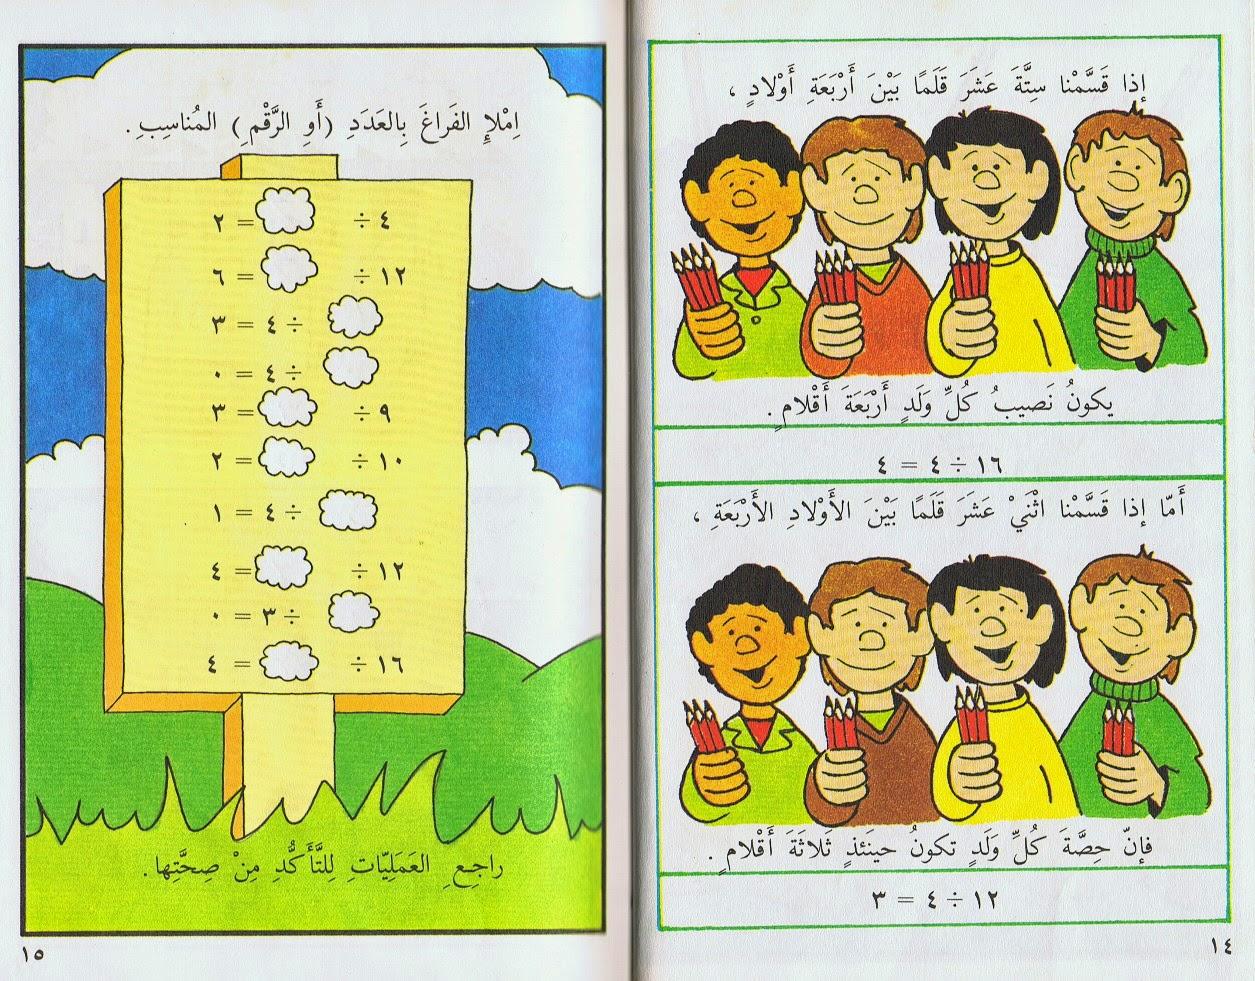 كتاب تعليم القسمة لأطفال الصف الثالث بالألوان الطبيعية 2015 CCI05062012_00037.jp